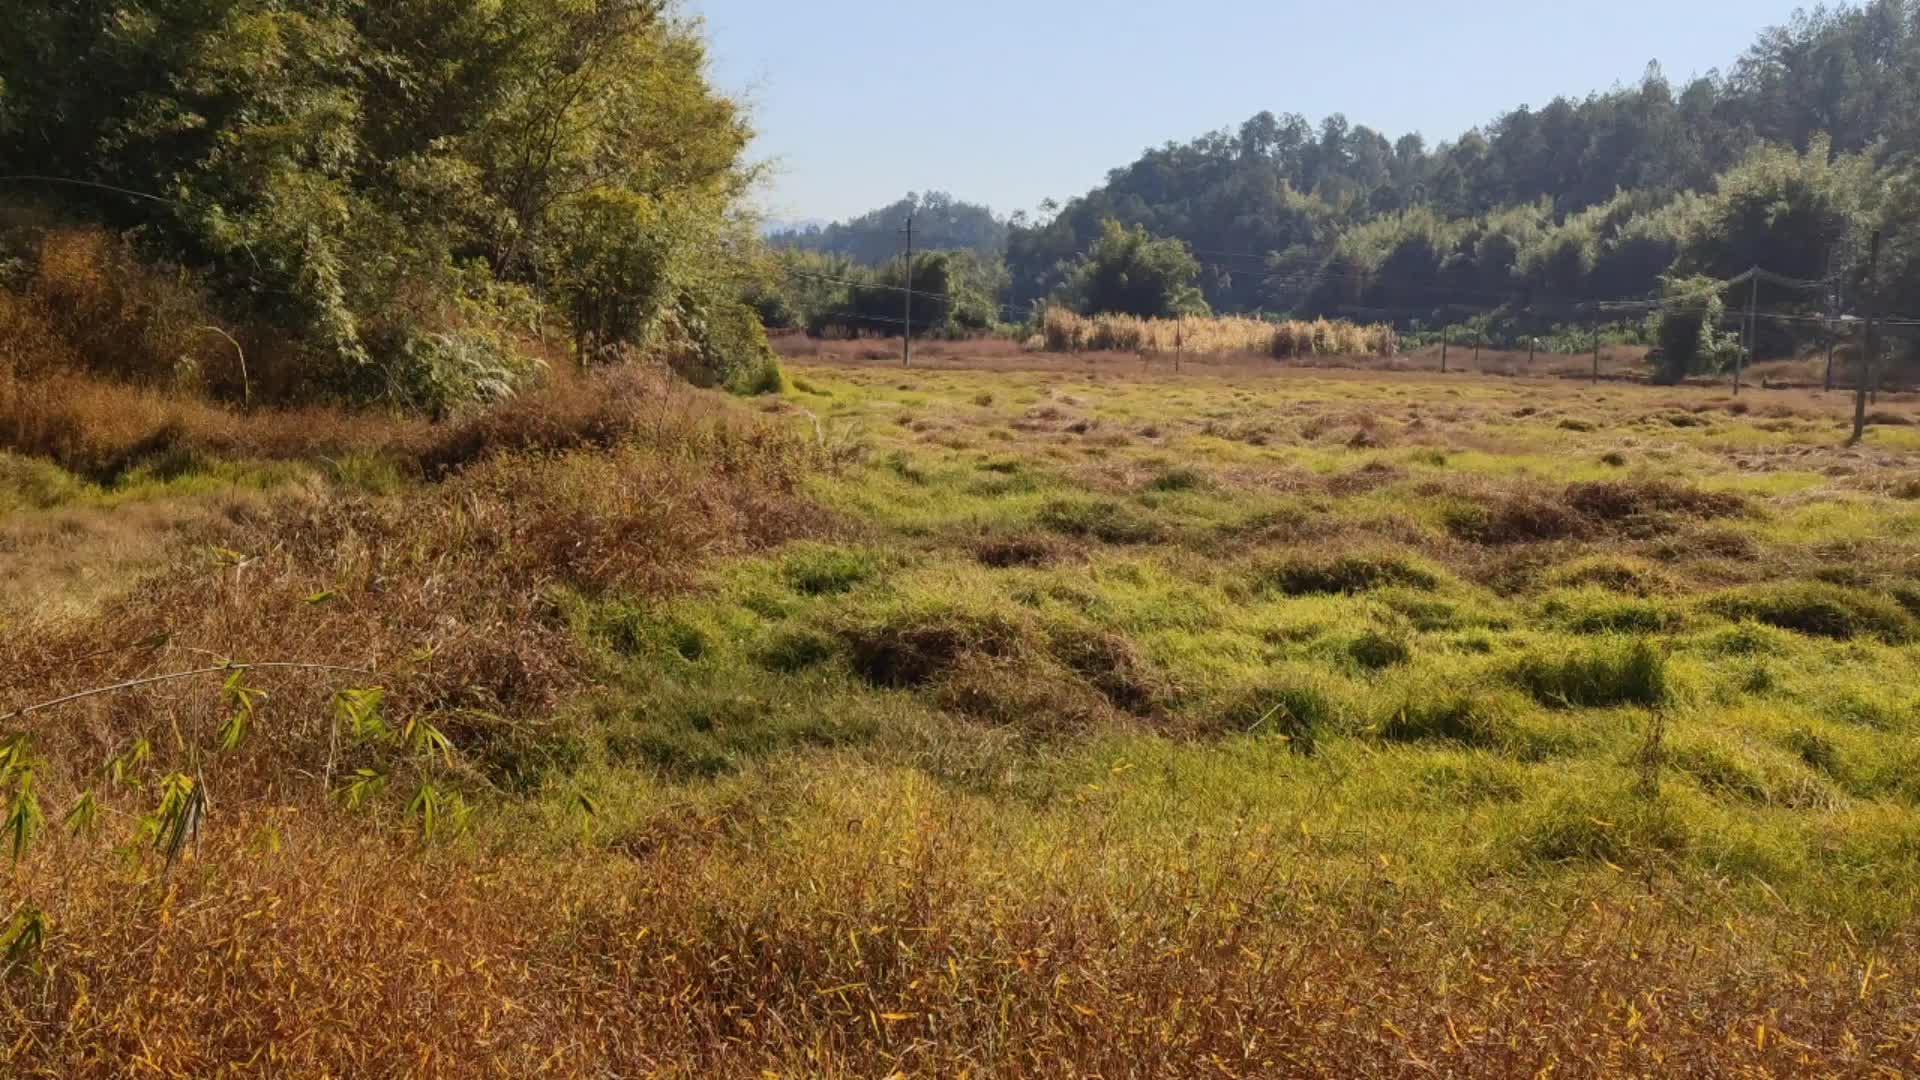 广东山区那么多良田荒废了,是什么原因造成?有想种植的吗?